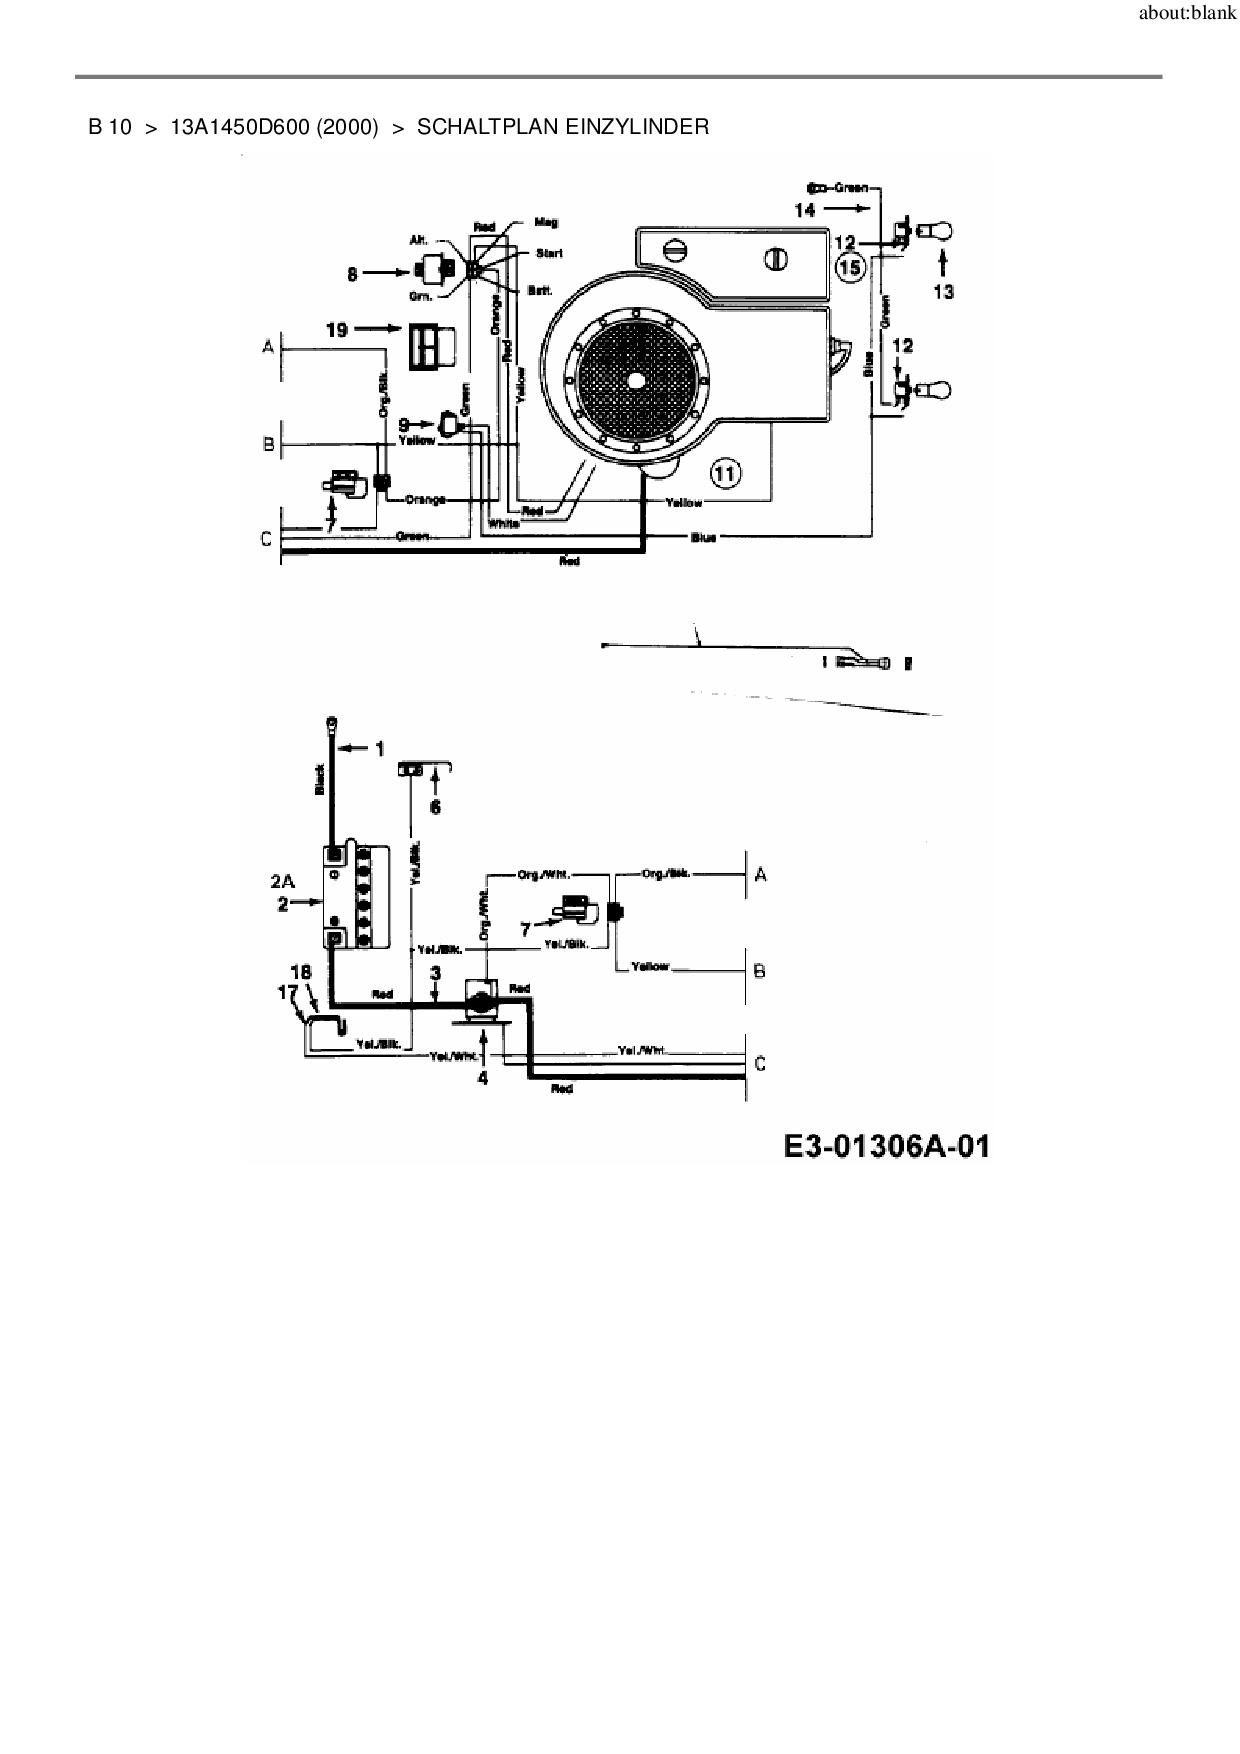 Ersatzteile von MTD Rasentraktor B 10 aus der Zeichnung Schaltplan Ei